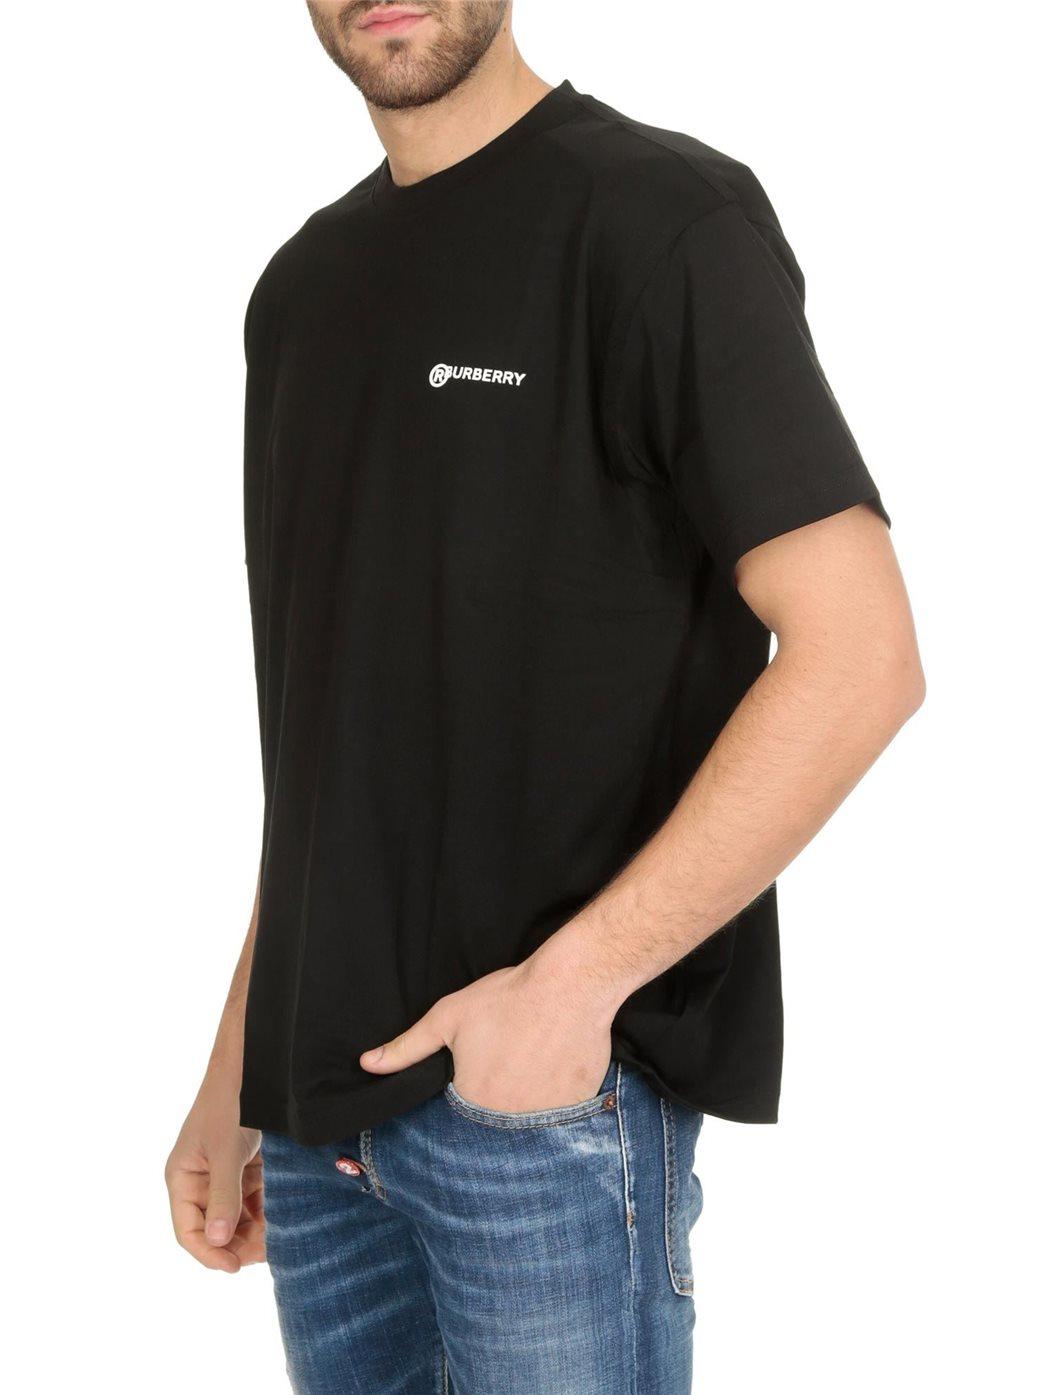 BURBERRY 8025657 Black T-SHIRT